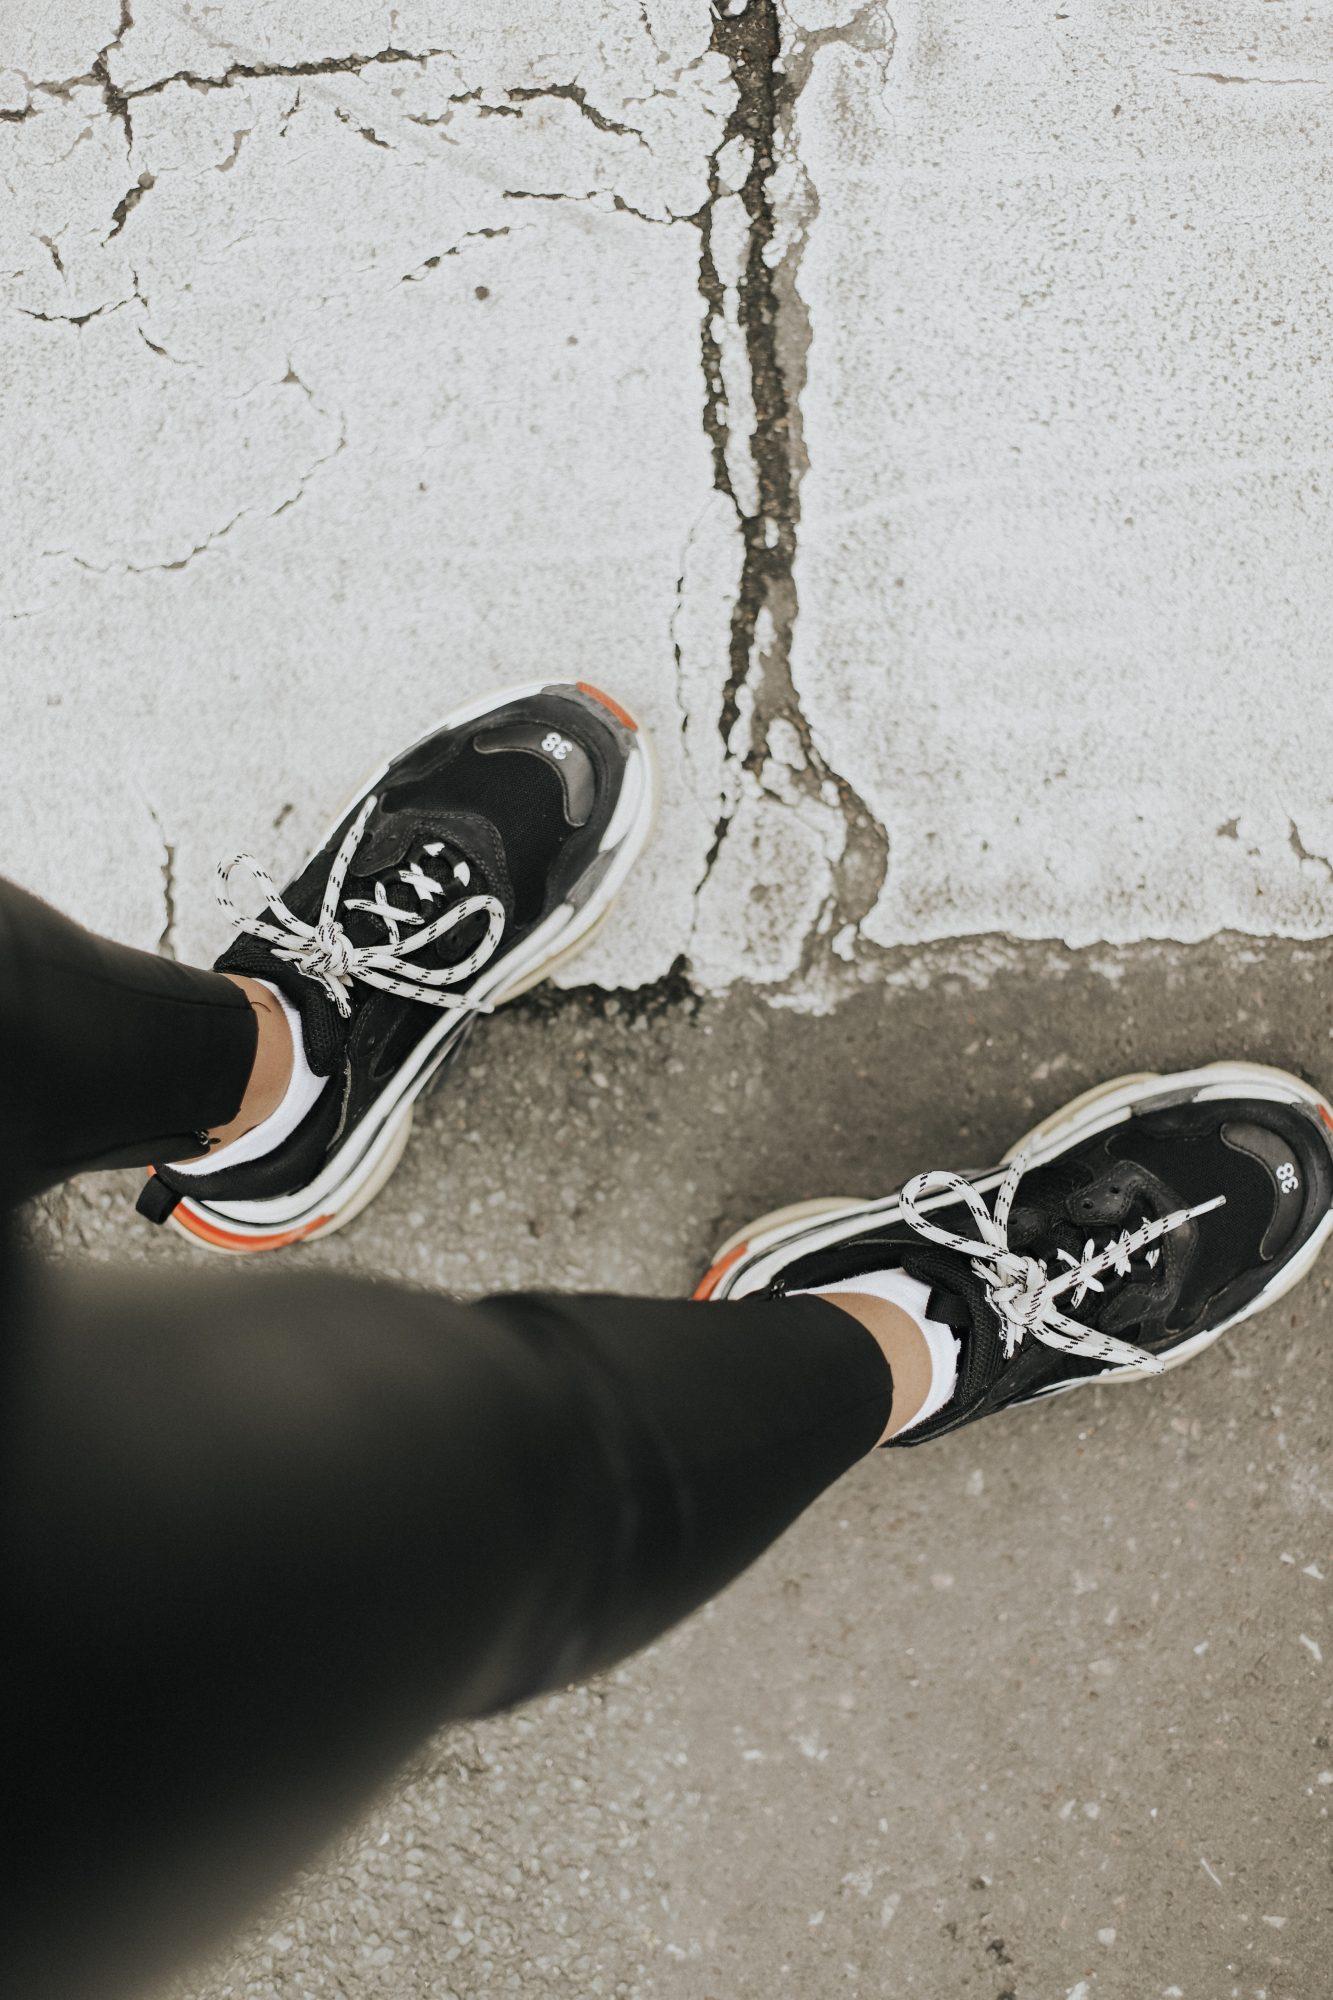 buy online fb301 2bea3 Der 'Ugly Sneaker' Trend geht weiter - günstige Modelle zum ...